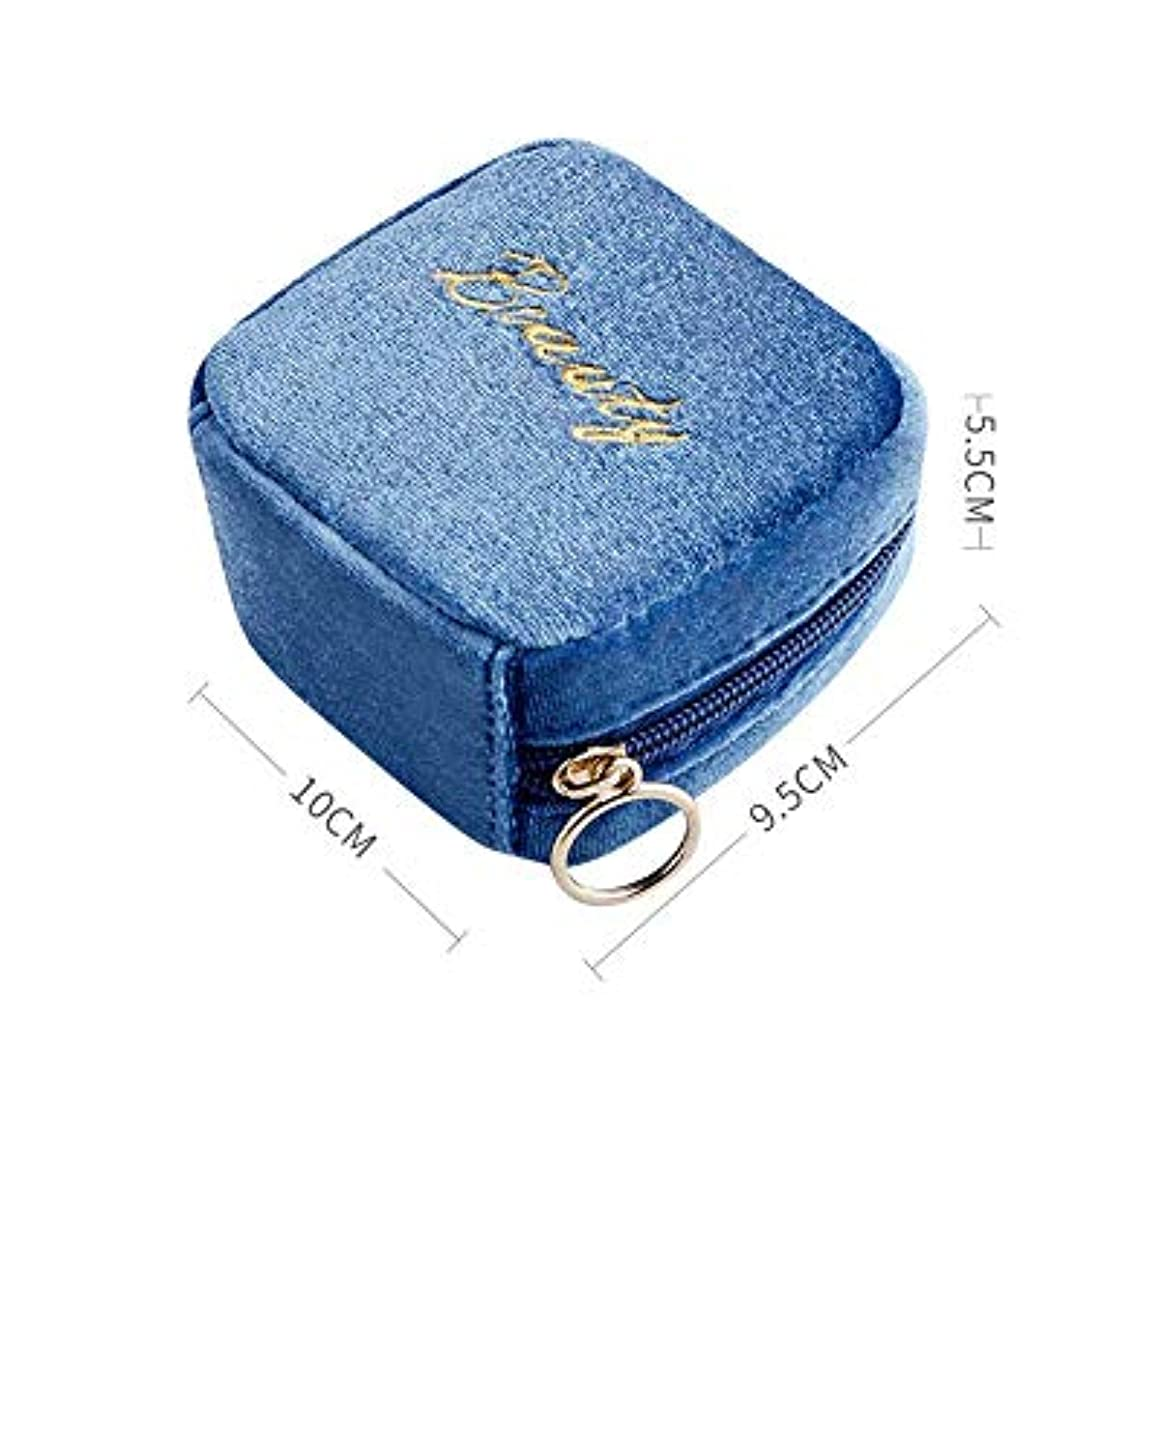 皮ステートメントビーチ化妆包、ポーチ、メイク道具収納袋(ブルー)化粧品袋